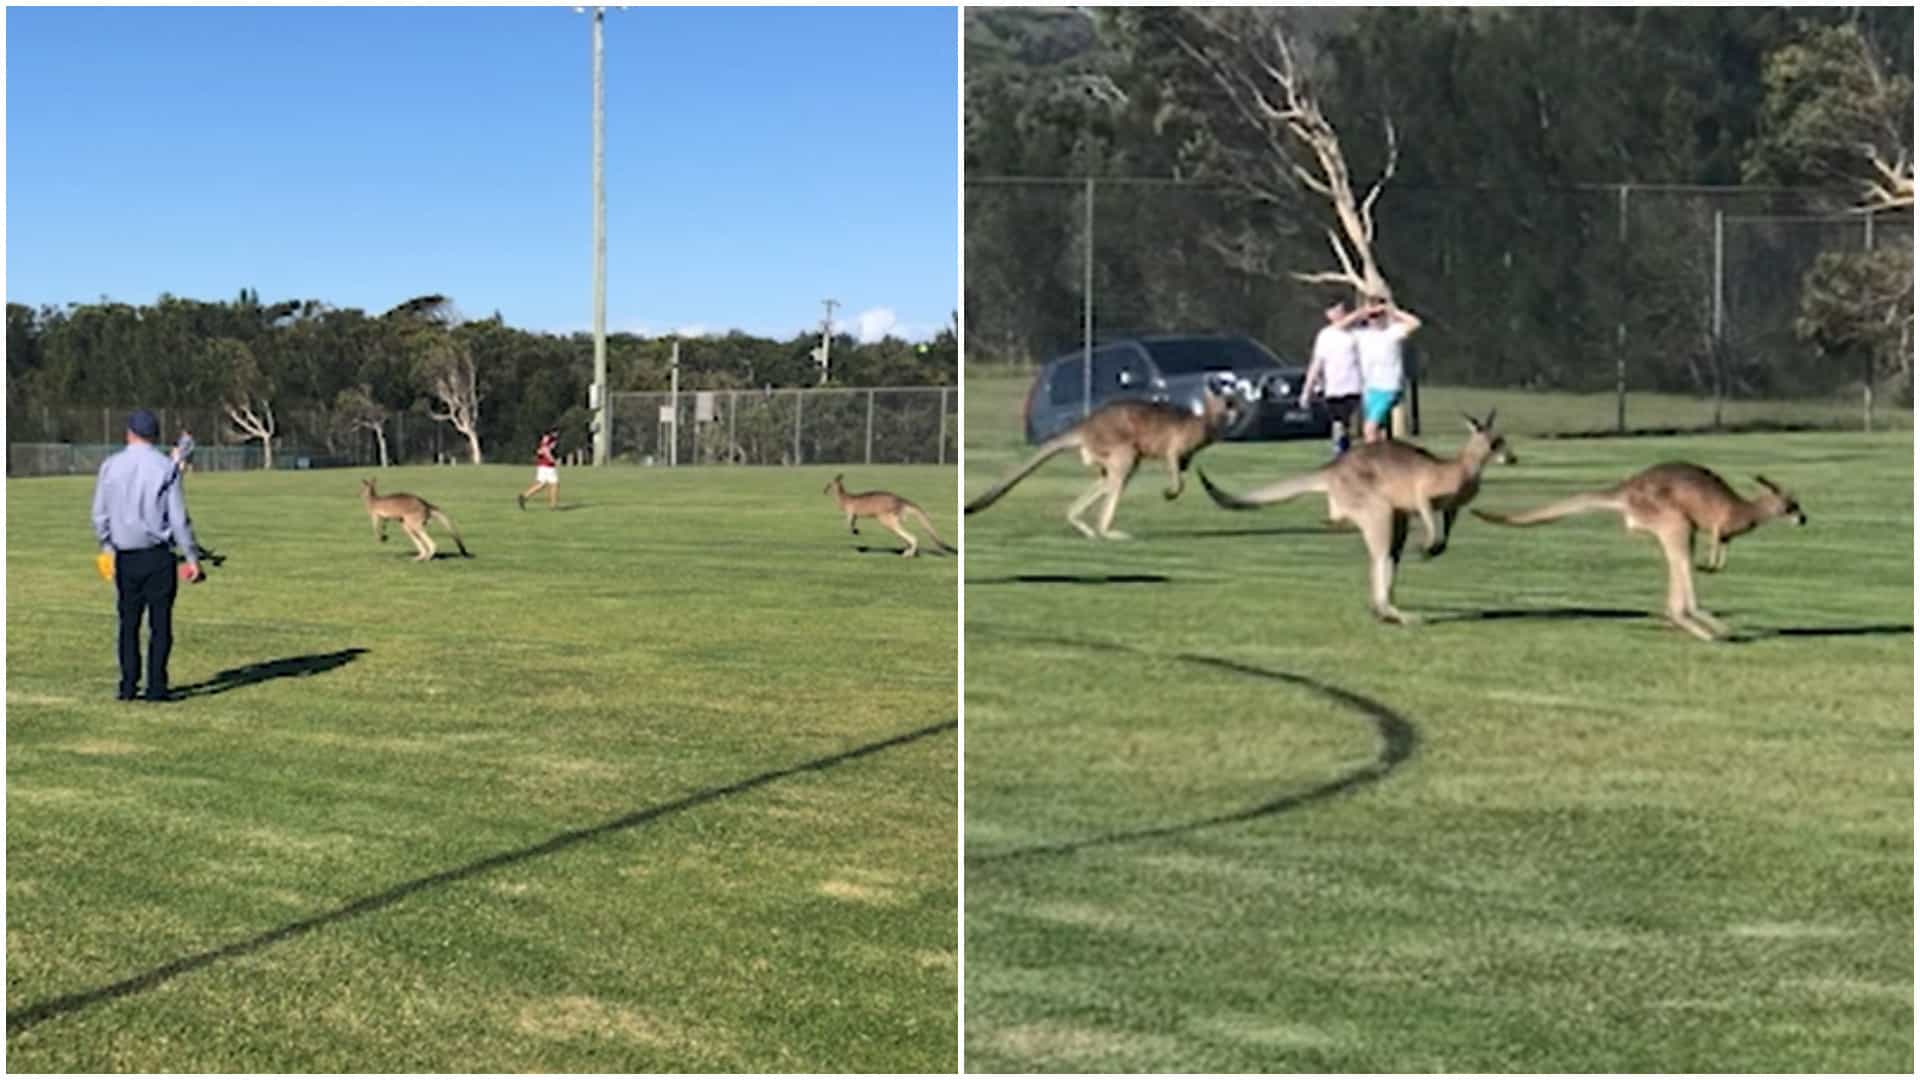 Cangurus invadem partida de futebol na Austrália